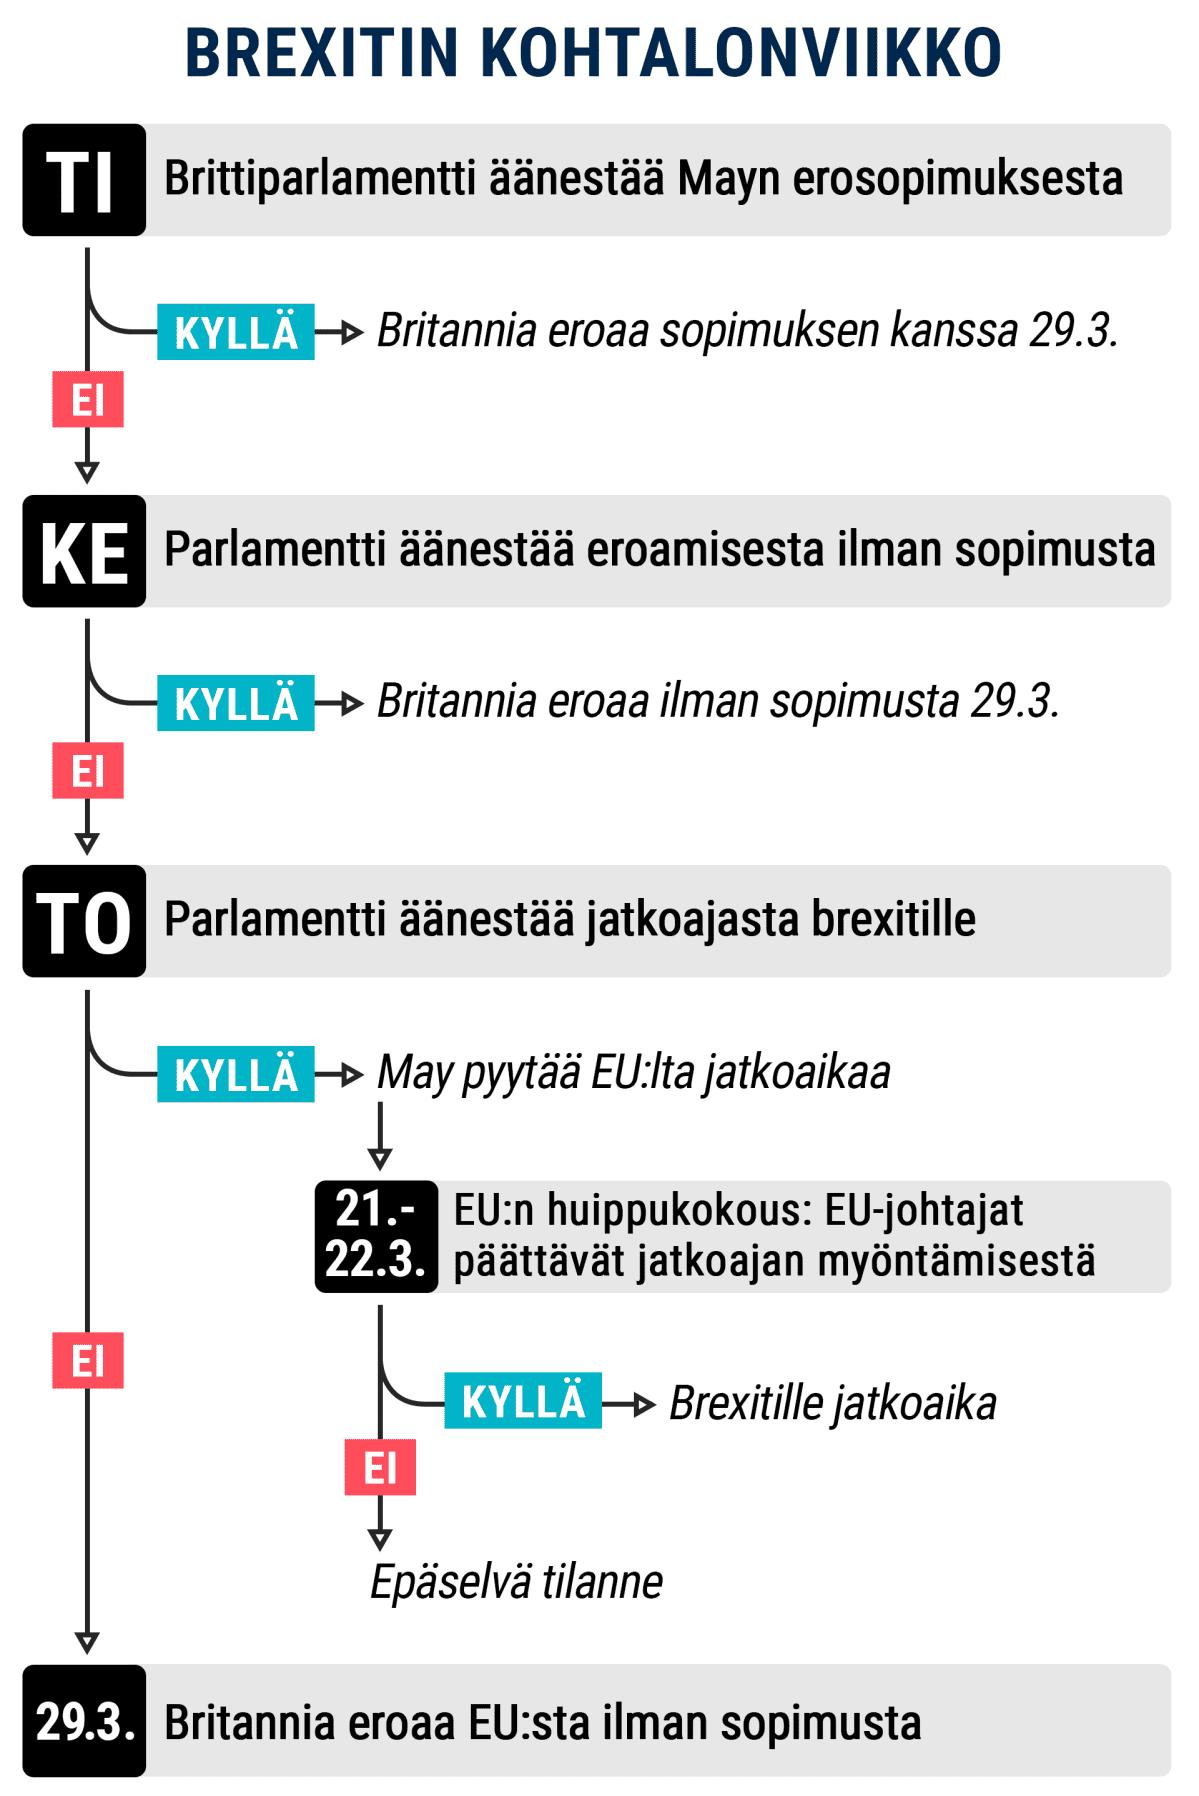 Taulukkografiikka